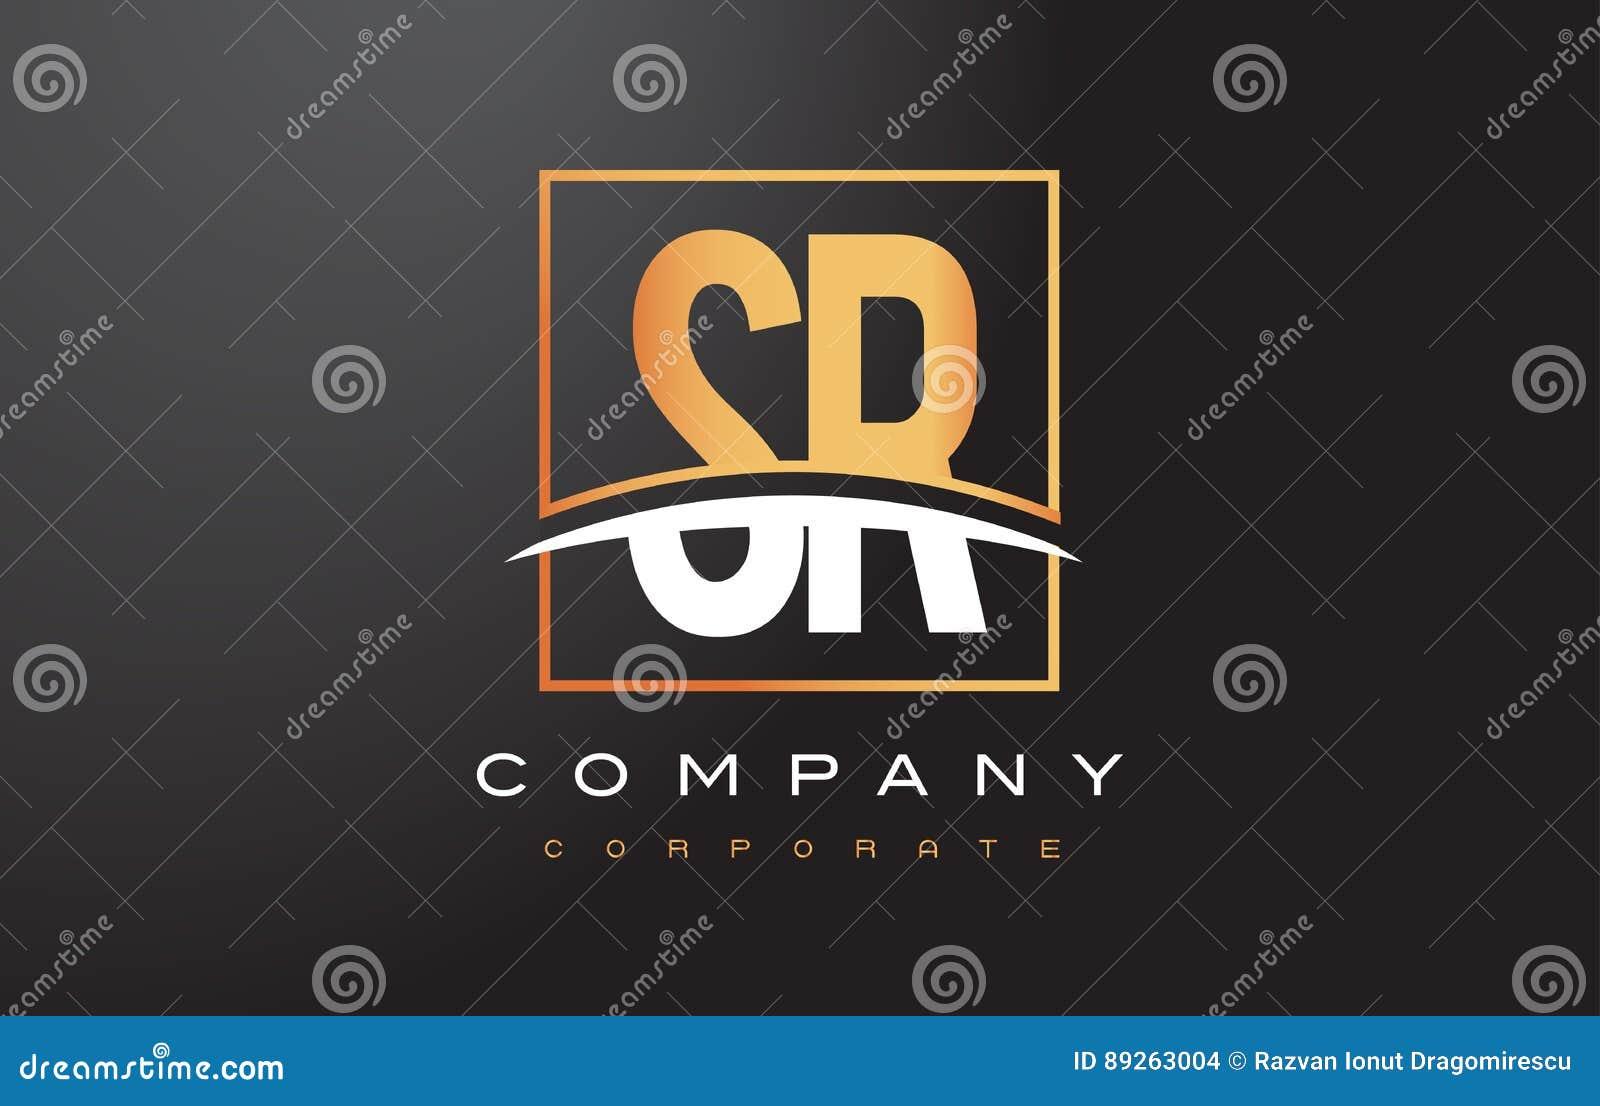 Χρυσό σχέδιο λογότυπων επιστολών SR S Ρ με το χρυσά τετράγωνο και Swoosh